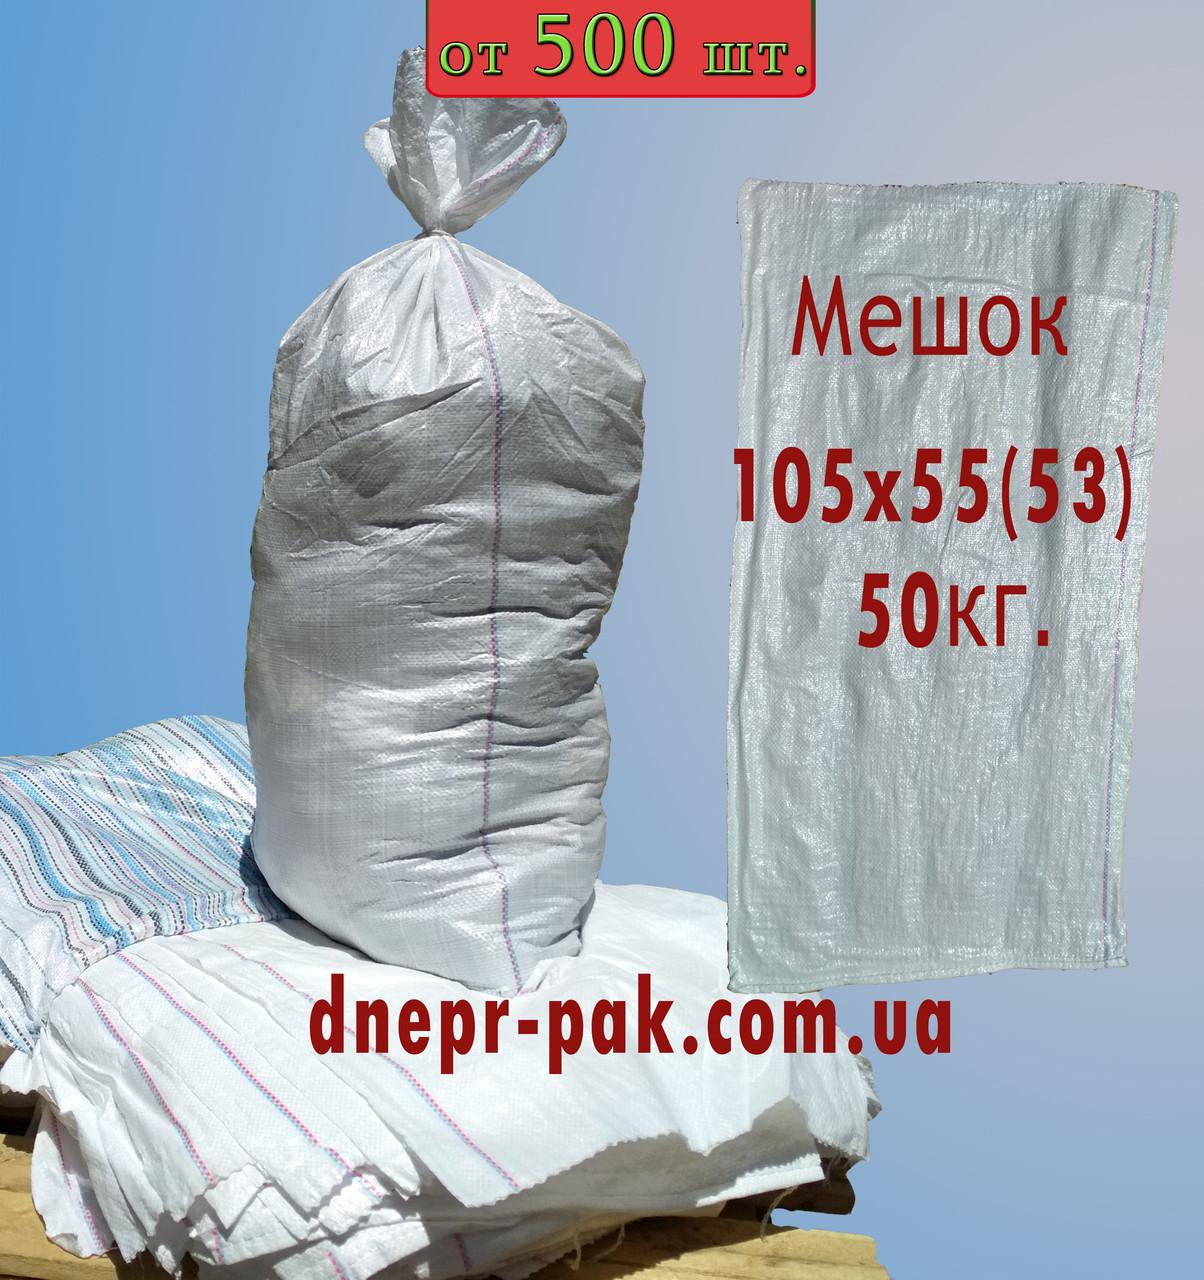 Полипропиленовые мешки, Украина - Днепр-Пак в Днепре